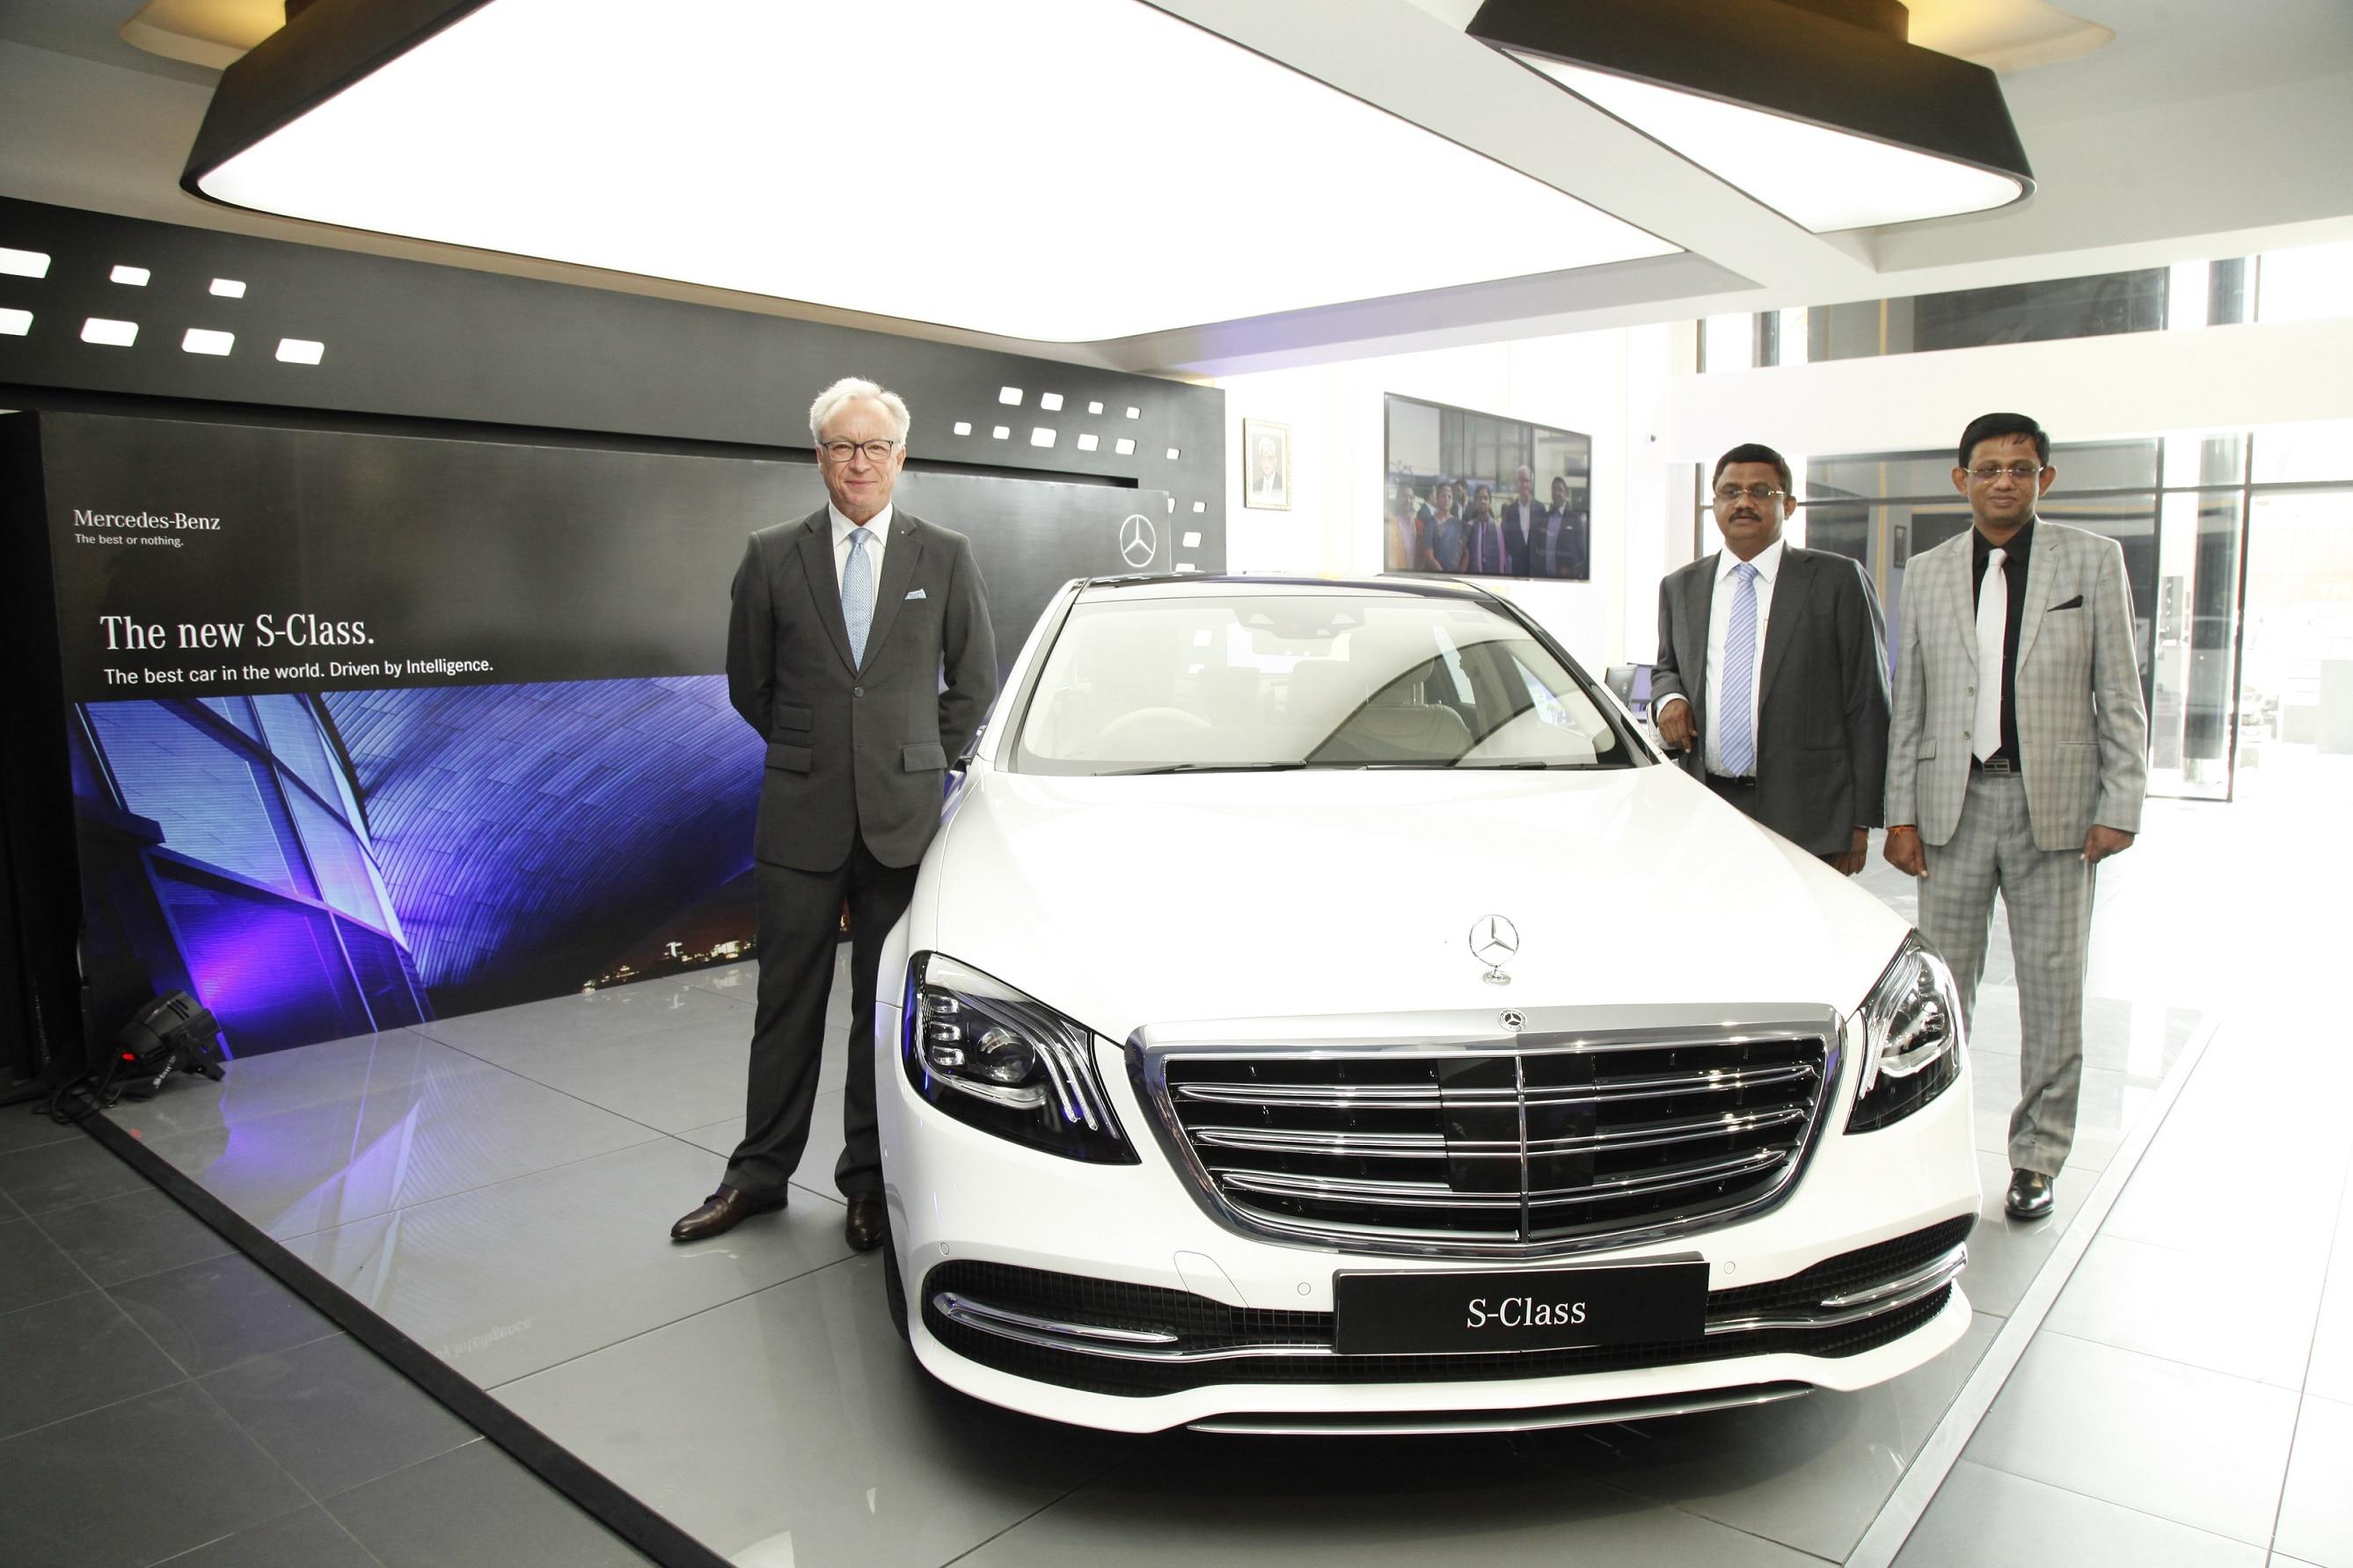 Mercedes-Benz Opens a New Luxury Dealership in Thiruvananthapuram